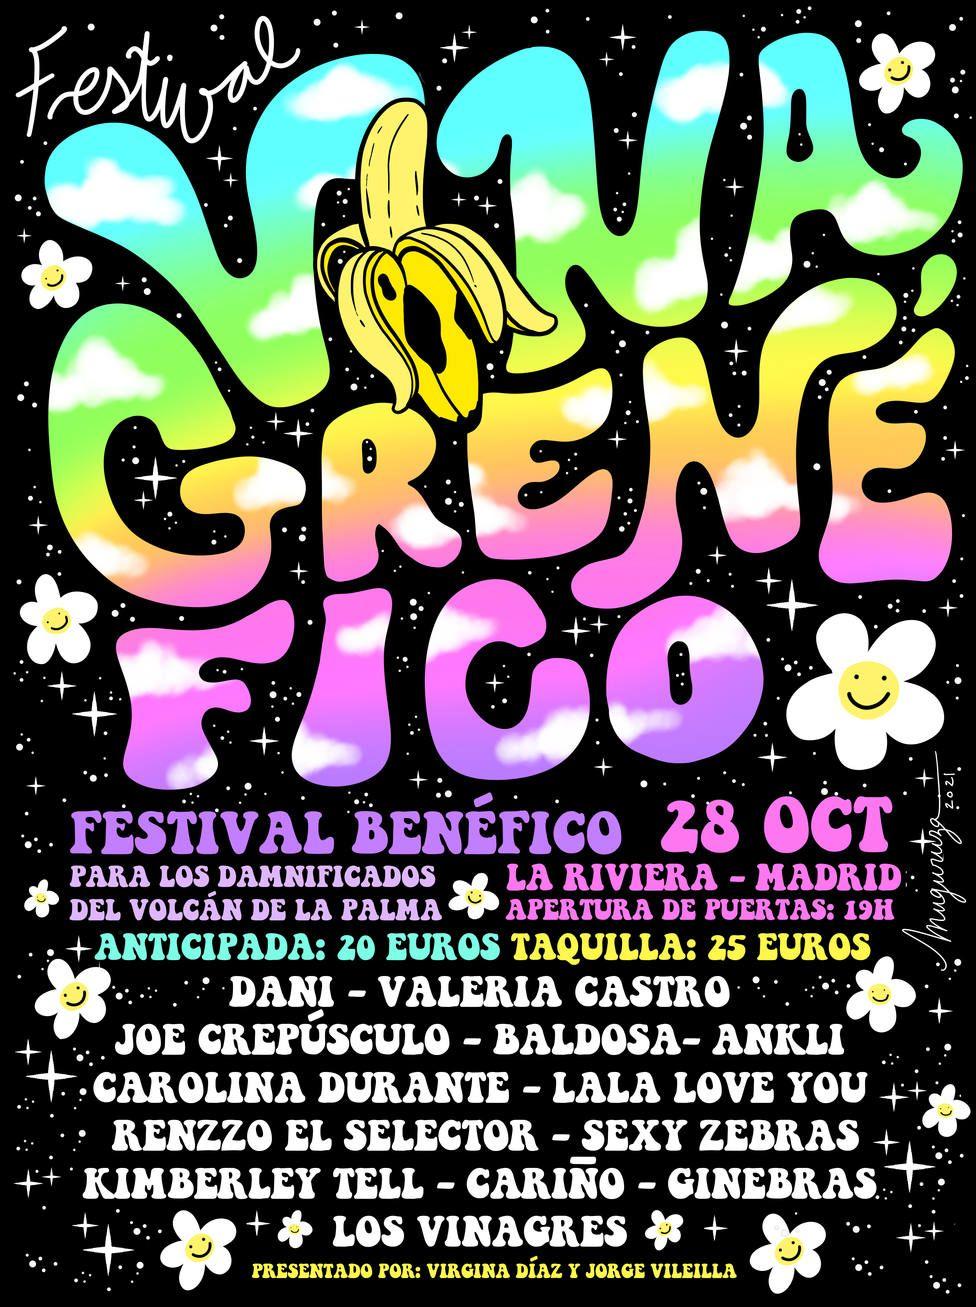 Vinagrenéfico, el festival para apoyar a La Palma llega a Madrid